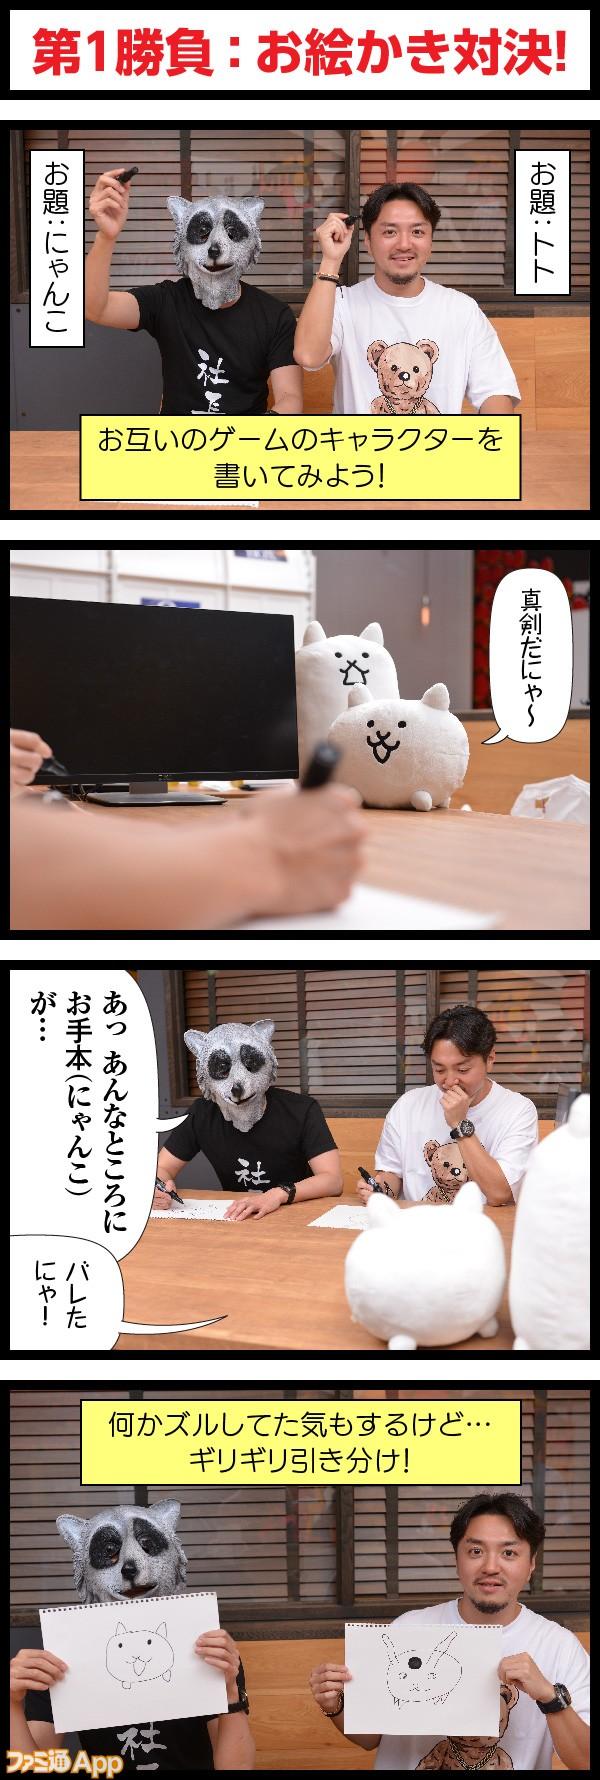 manga_nyanko_2